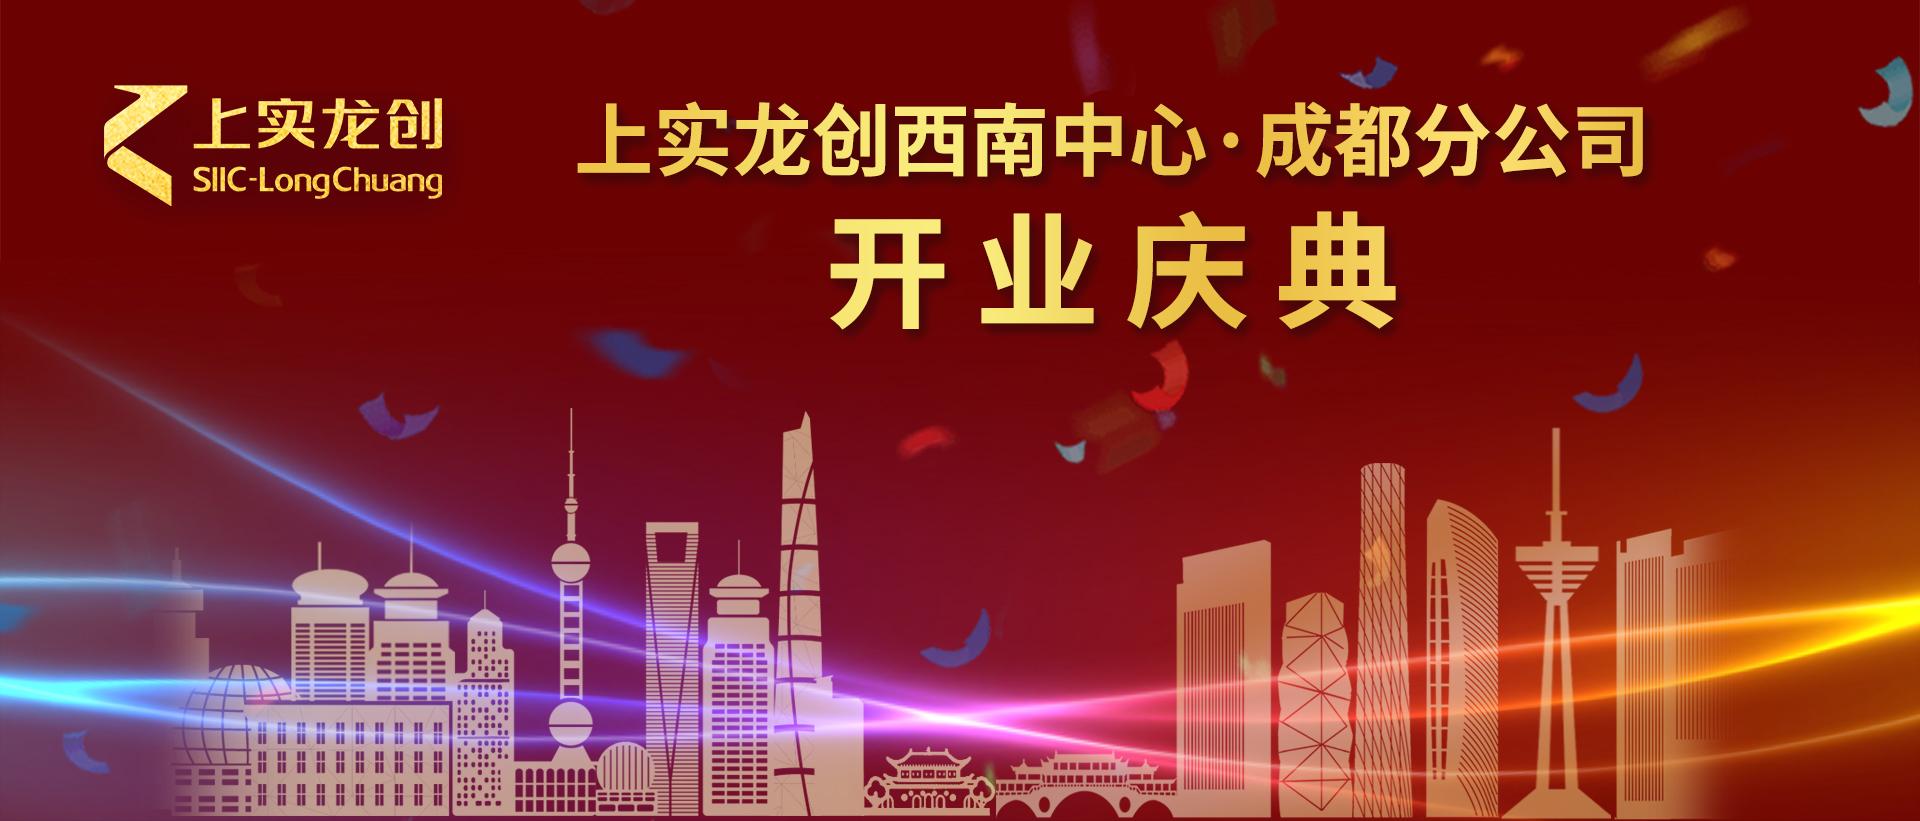 成都胡玲_上海上实龙创智慧能源科技股份有限公司